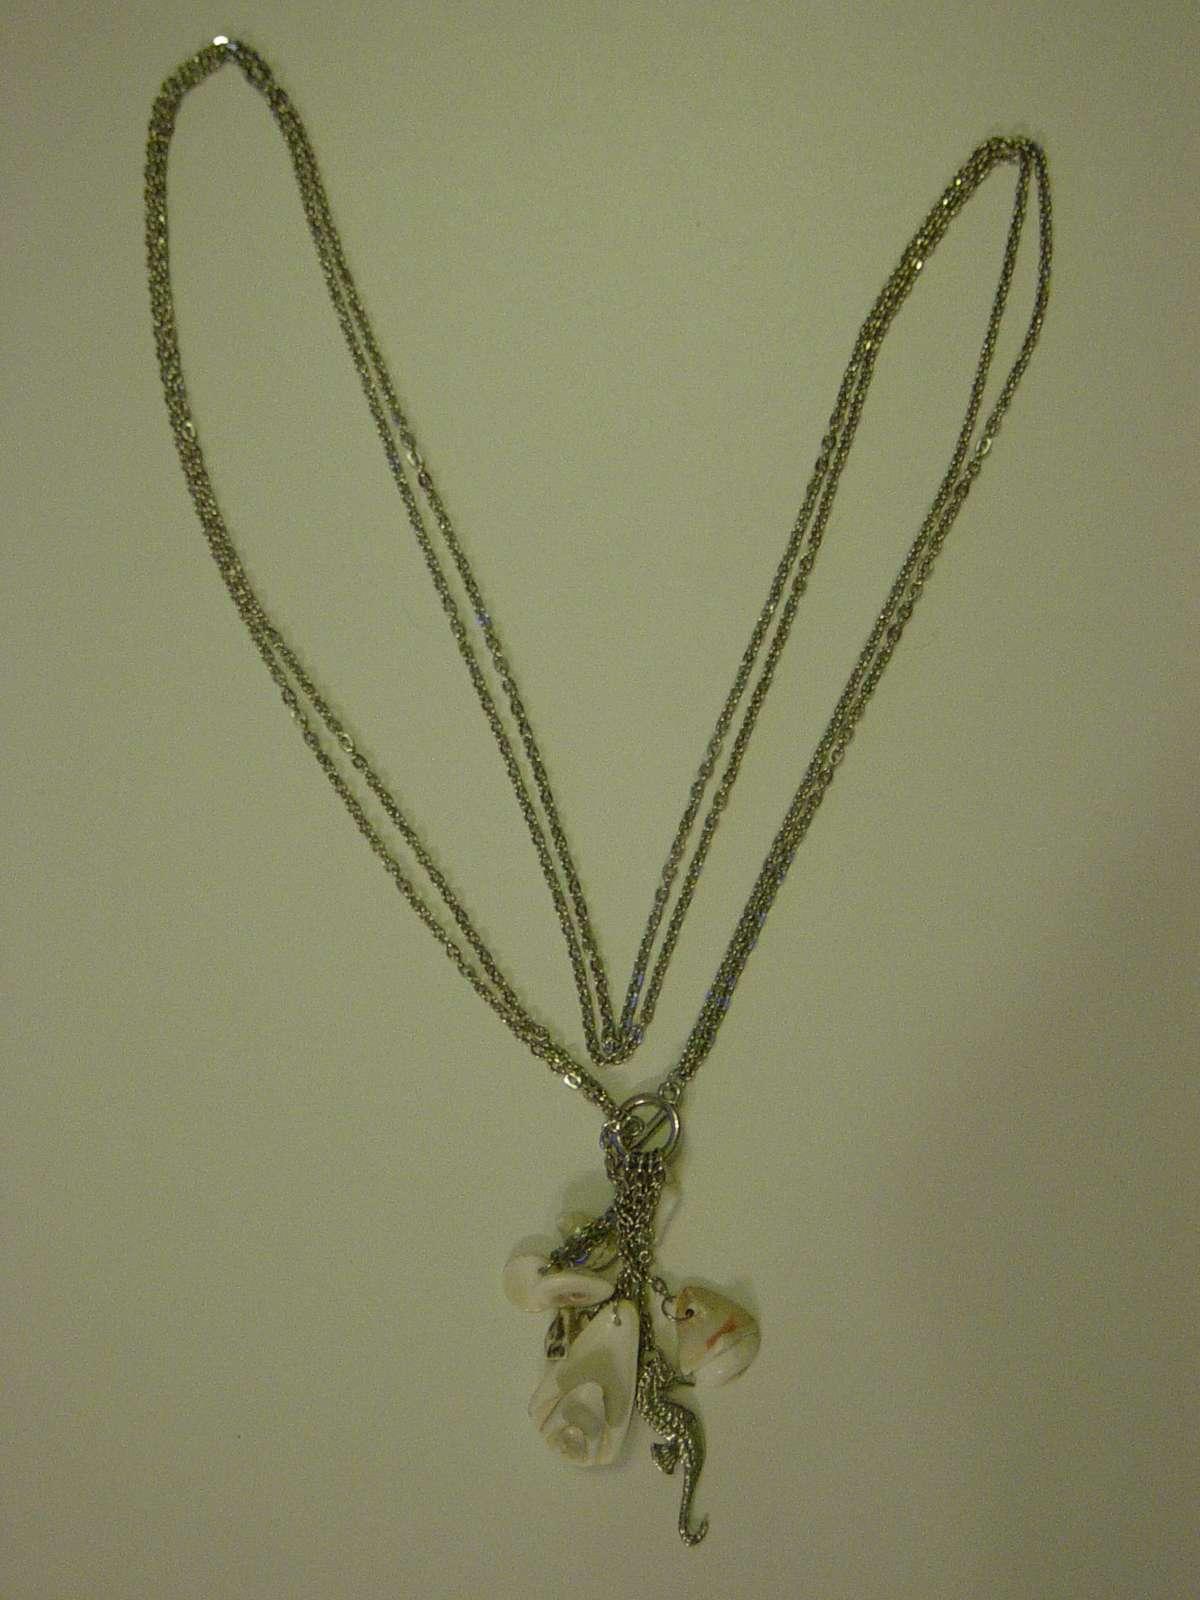 Náhrdelník s morským koníkom a mušličkami - Obrázok č. 2